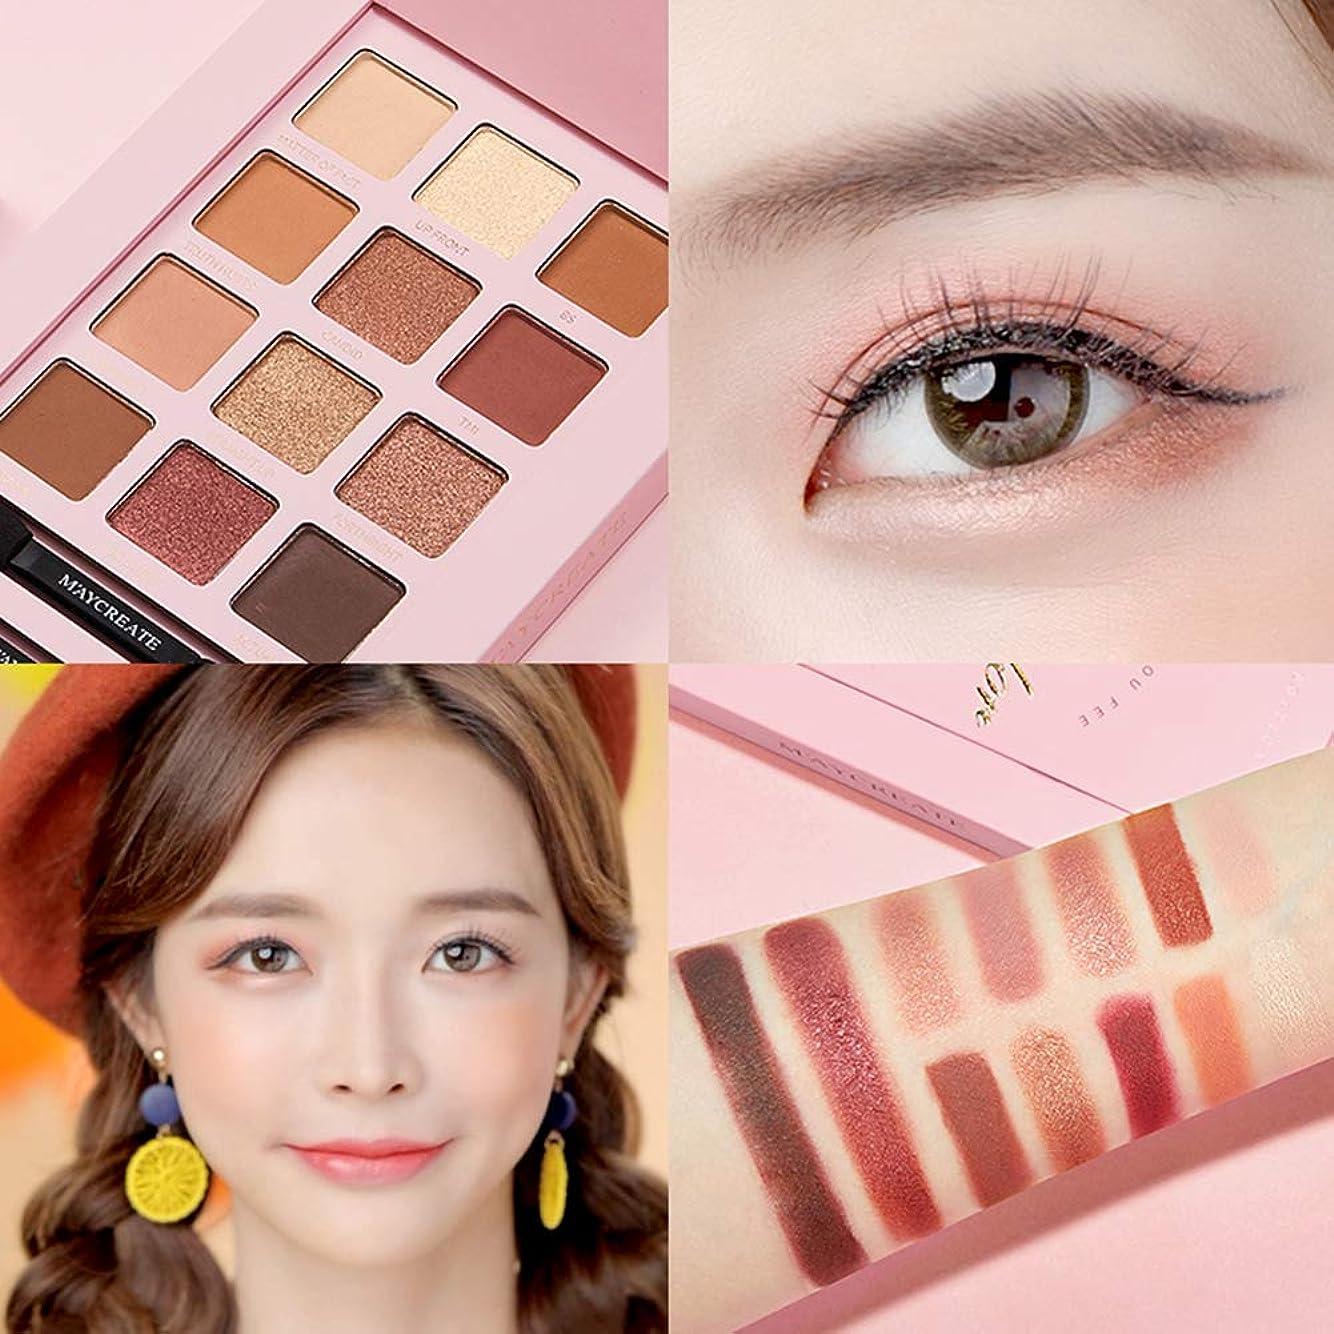 怪物閉じる効率的Dkhsyアイシャドーマットアイシャドープレート美容女性の目の化粧品ラスティングキラキラアイシャドウ化粧品ツール 12色